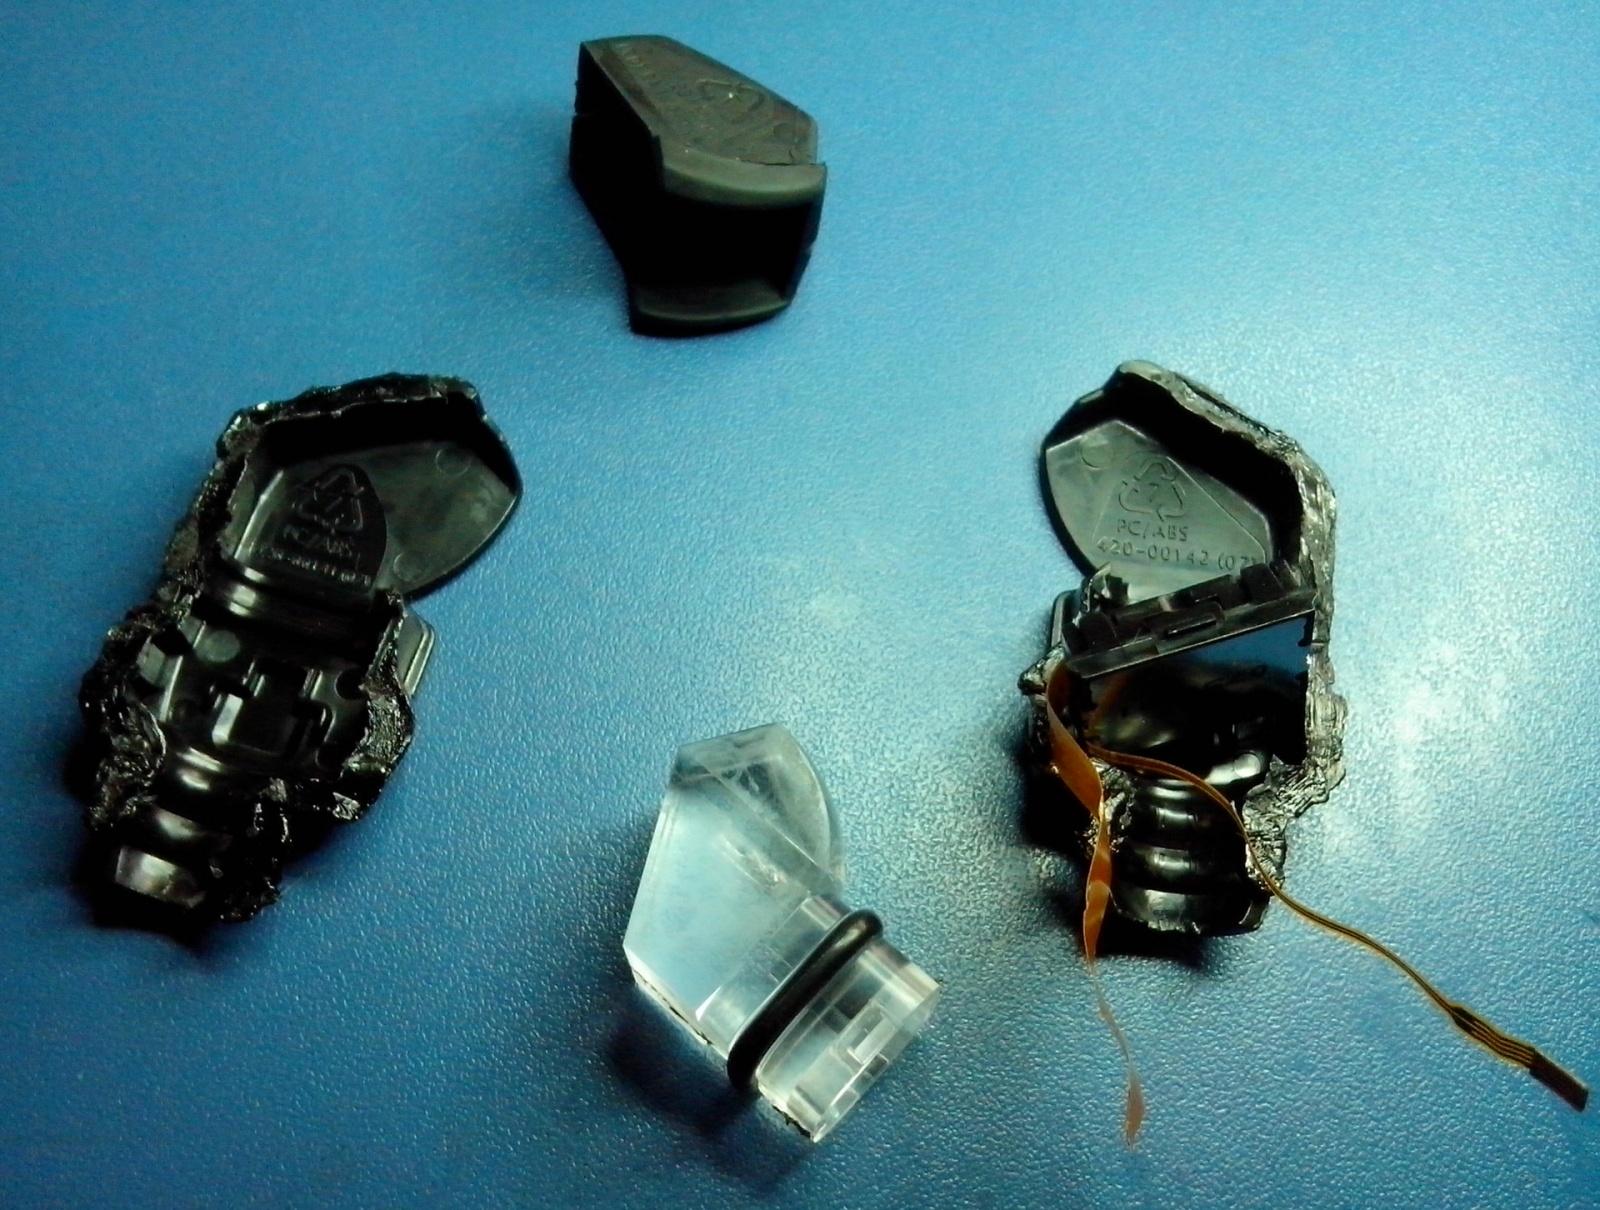 Разбор Heads-up Display из горнолыжной маски Recon Instruments MOD Live. Попытка починить… - 9